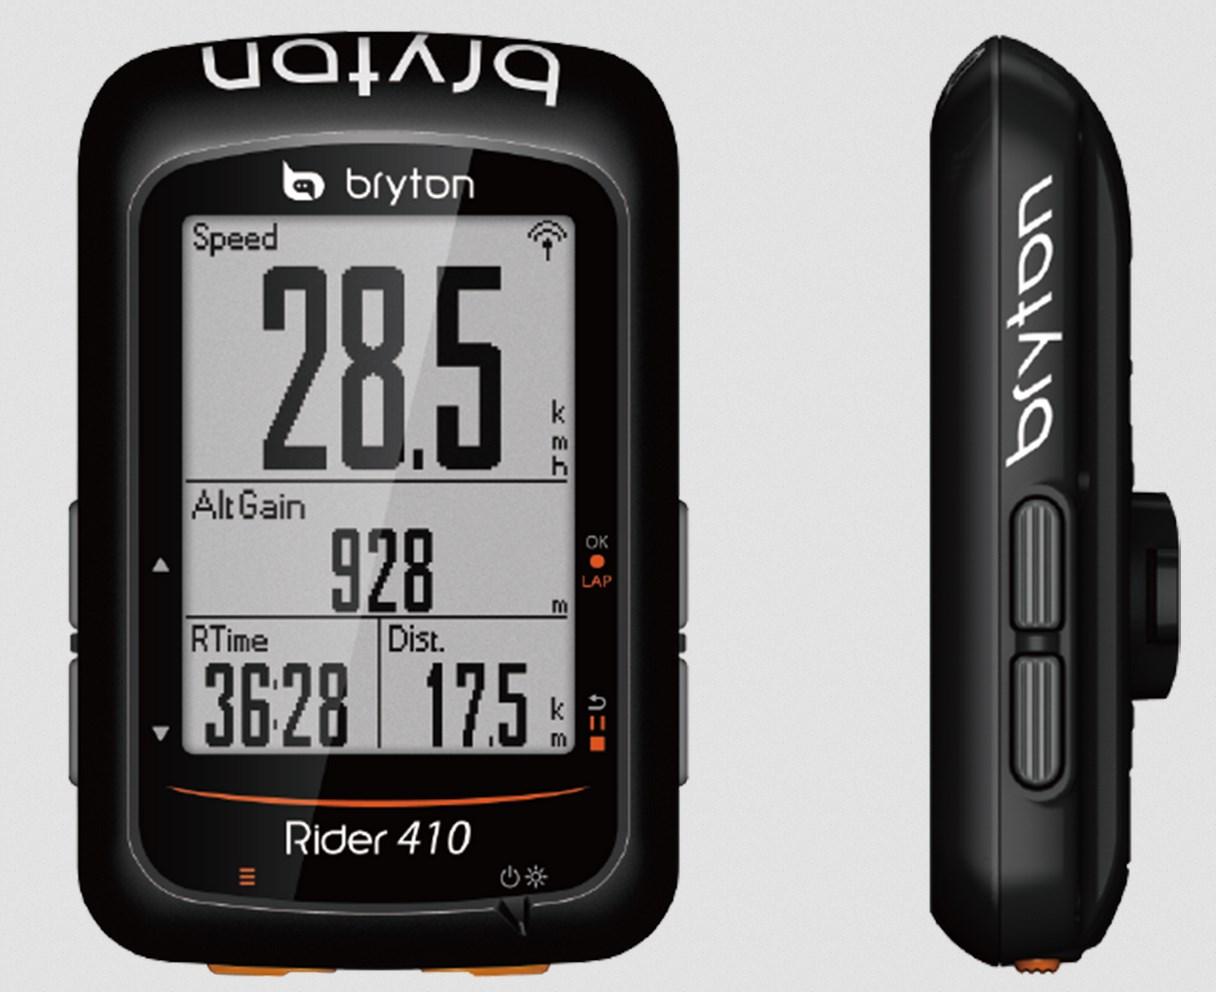 ブライトン Rider 410C ケイデンスセンサーセット GPS サイクルコンピュータ 大画面 最大35時間